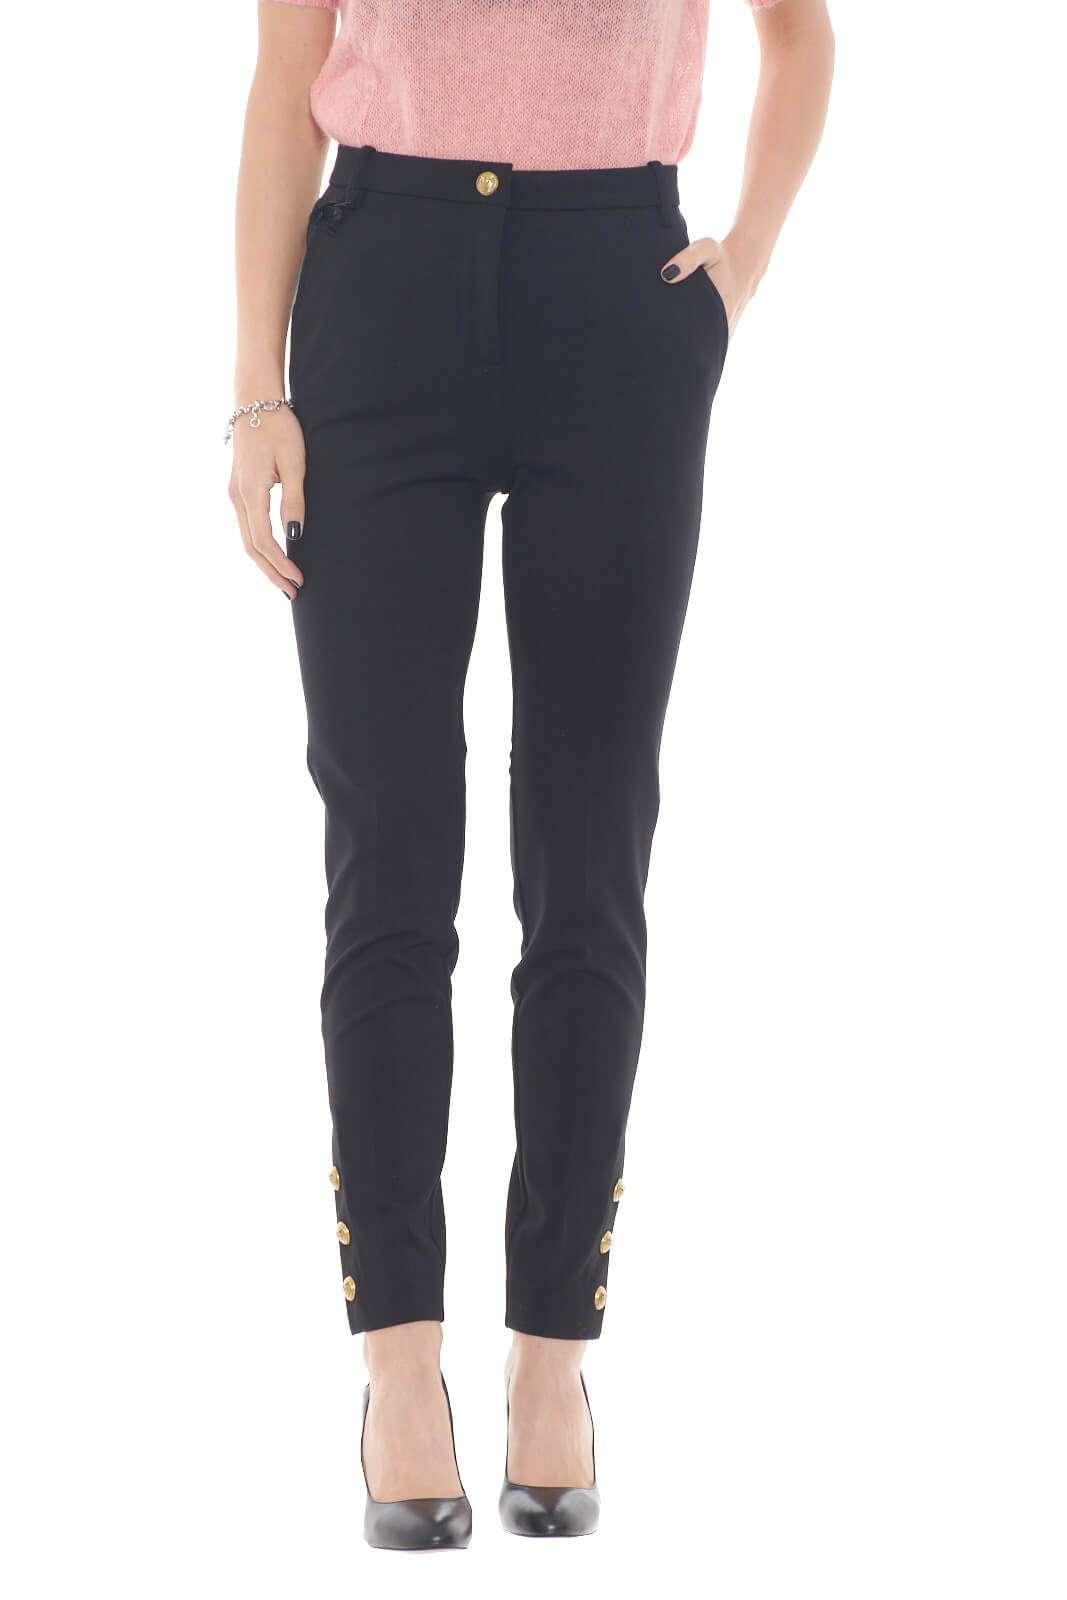 Scopri il nuovo pantalone in punto stoffa Lamberto proposto dalla collezione donna autunno inverno di Pinko. Un capo raffinato e da indossare sia per occasioni formali che non. Esalta la linea con un tacco vertiginoso per un look fashion.